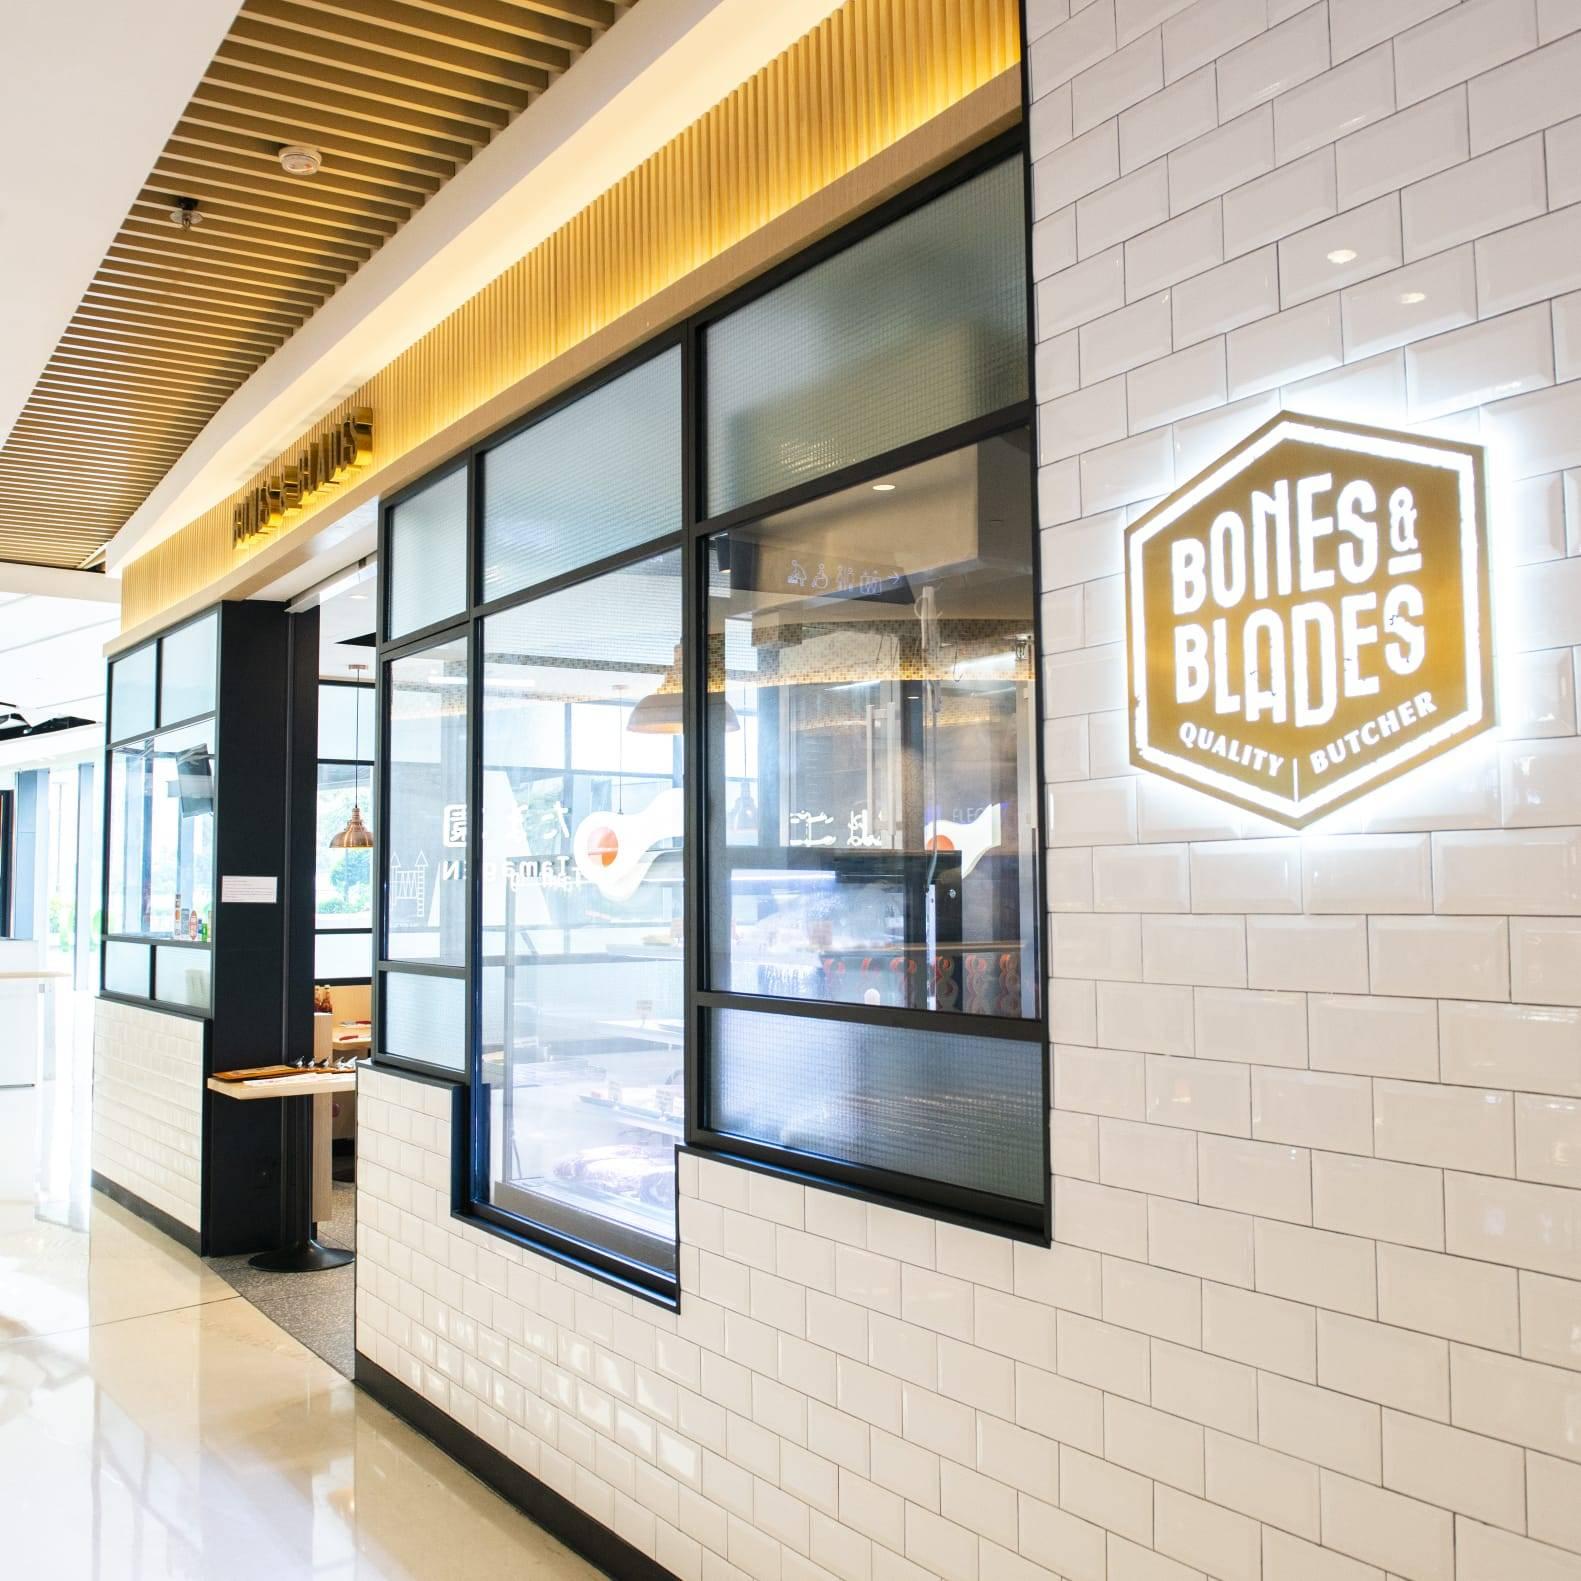 元朗新分店於Yoho mall內,門外玻璃櫃放了不同部位的牛扒,客人可到店內挑選自己的心水肉扒,再請廚師即磅即煎